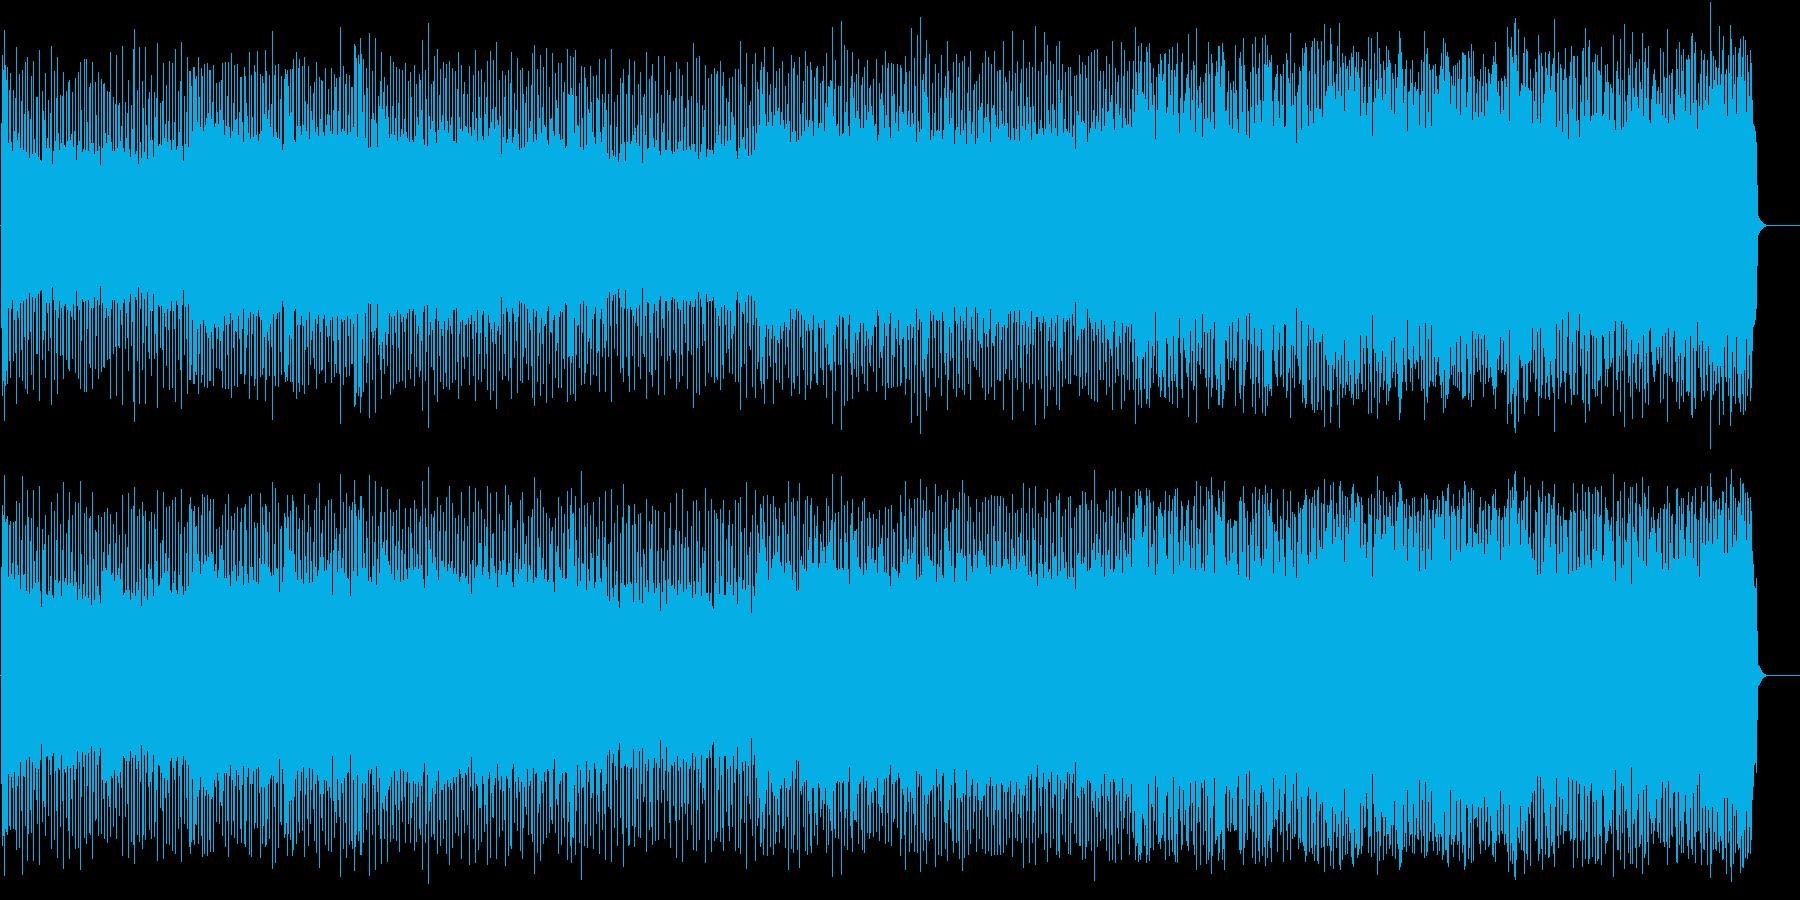 ドライブ感狂気感溢れるメタルBGMの再生済みの波形